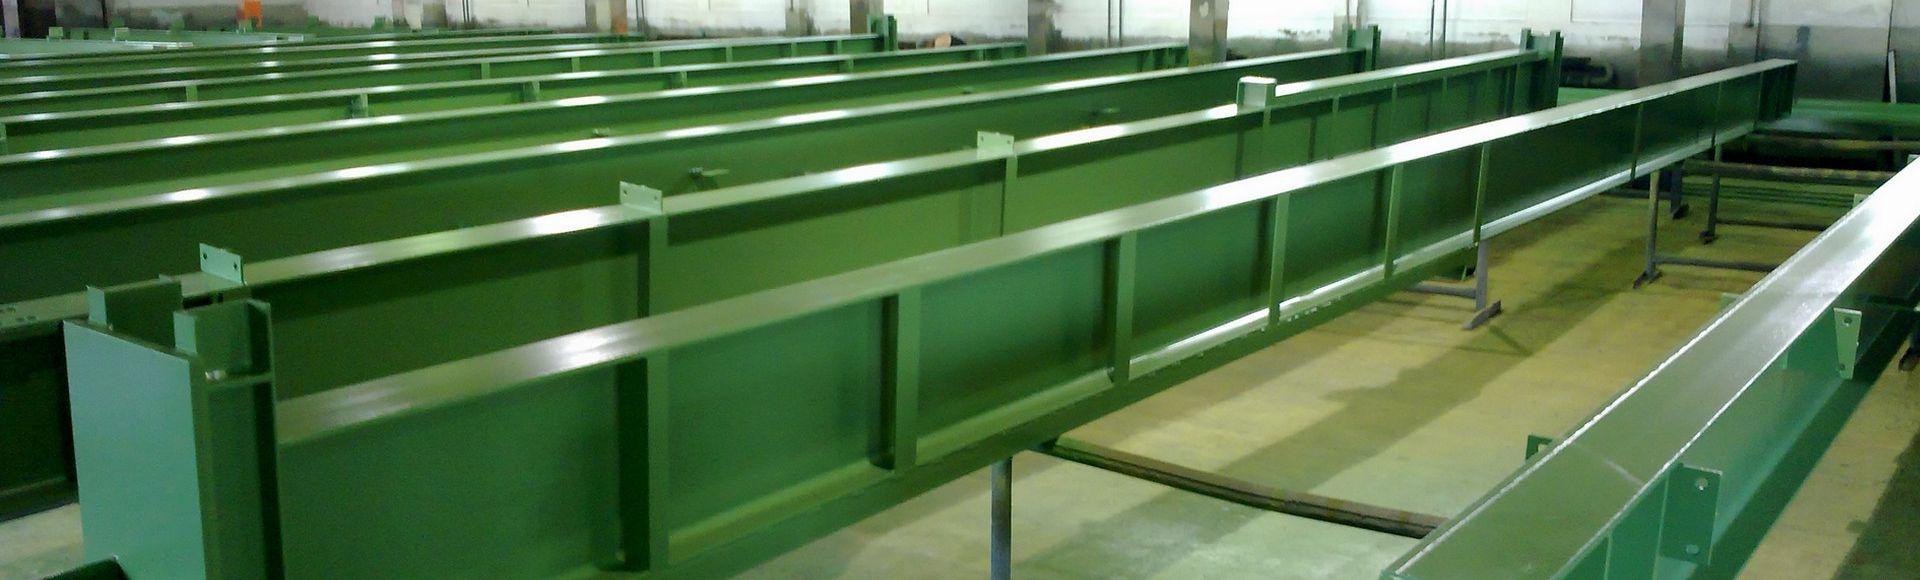 Oberflächenvorbereitung und Beschichtung